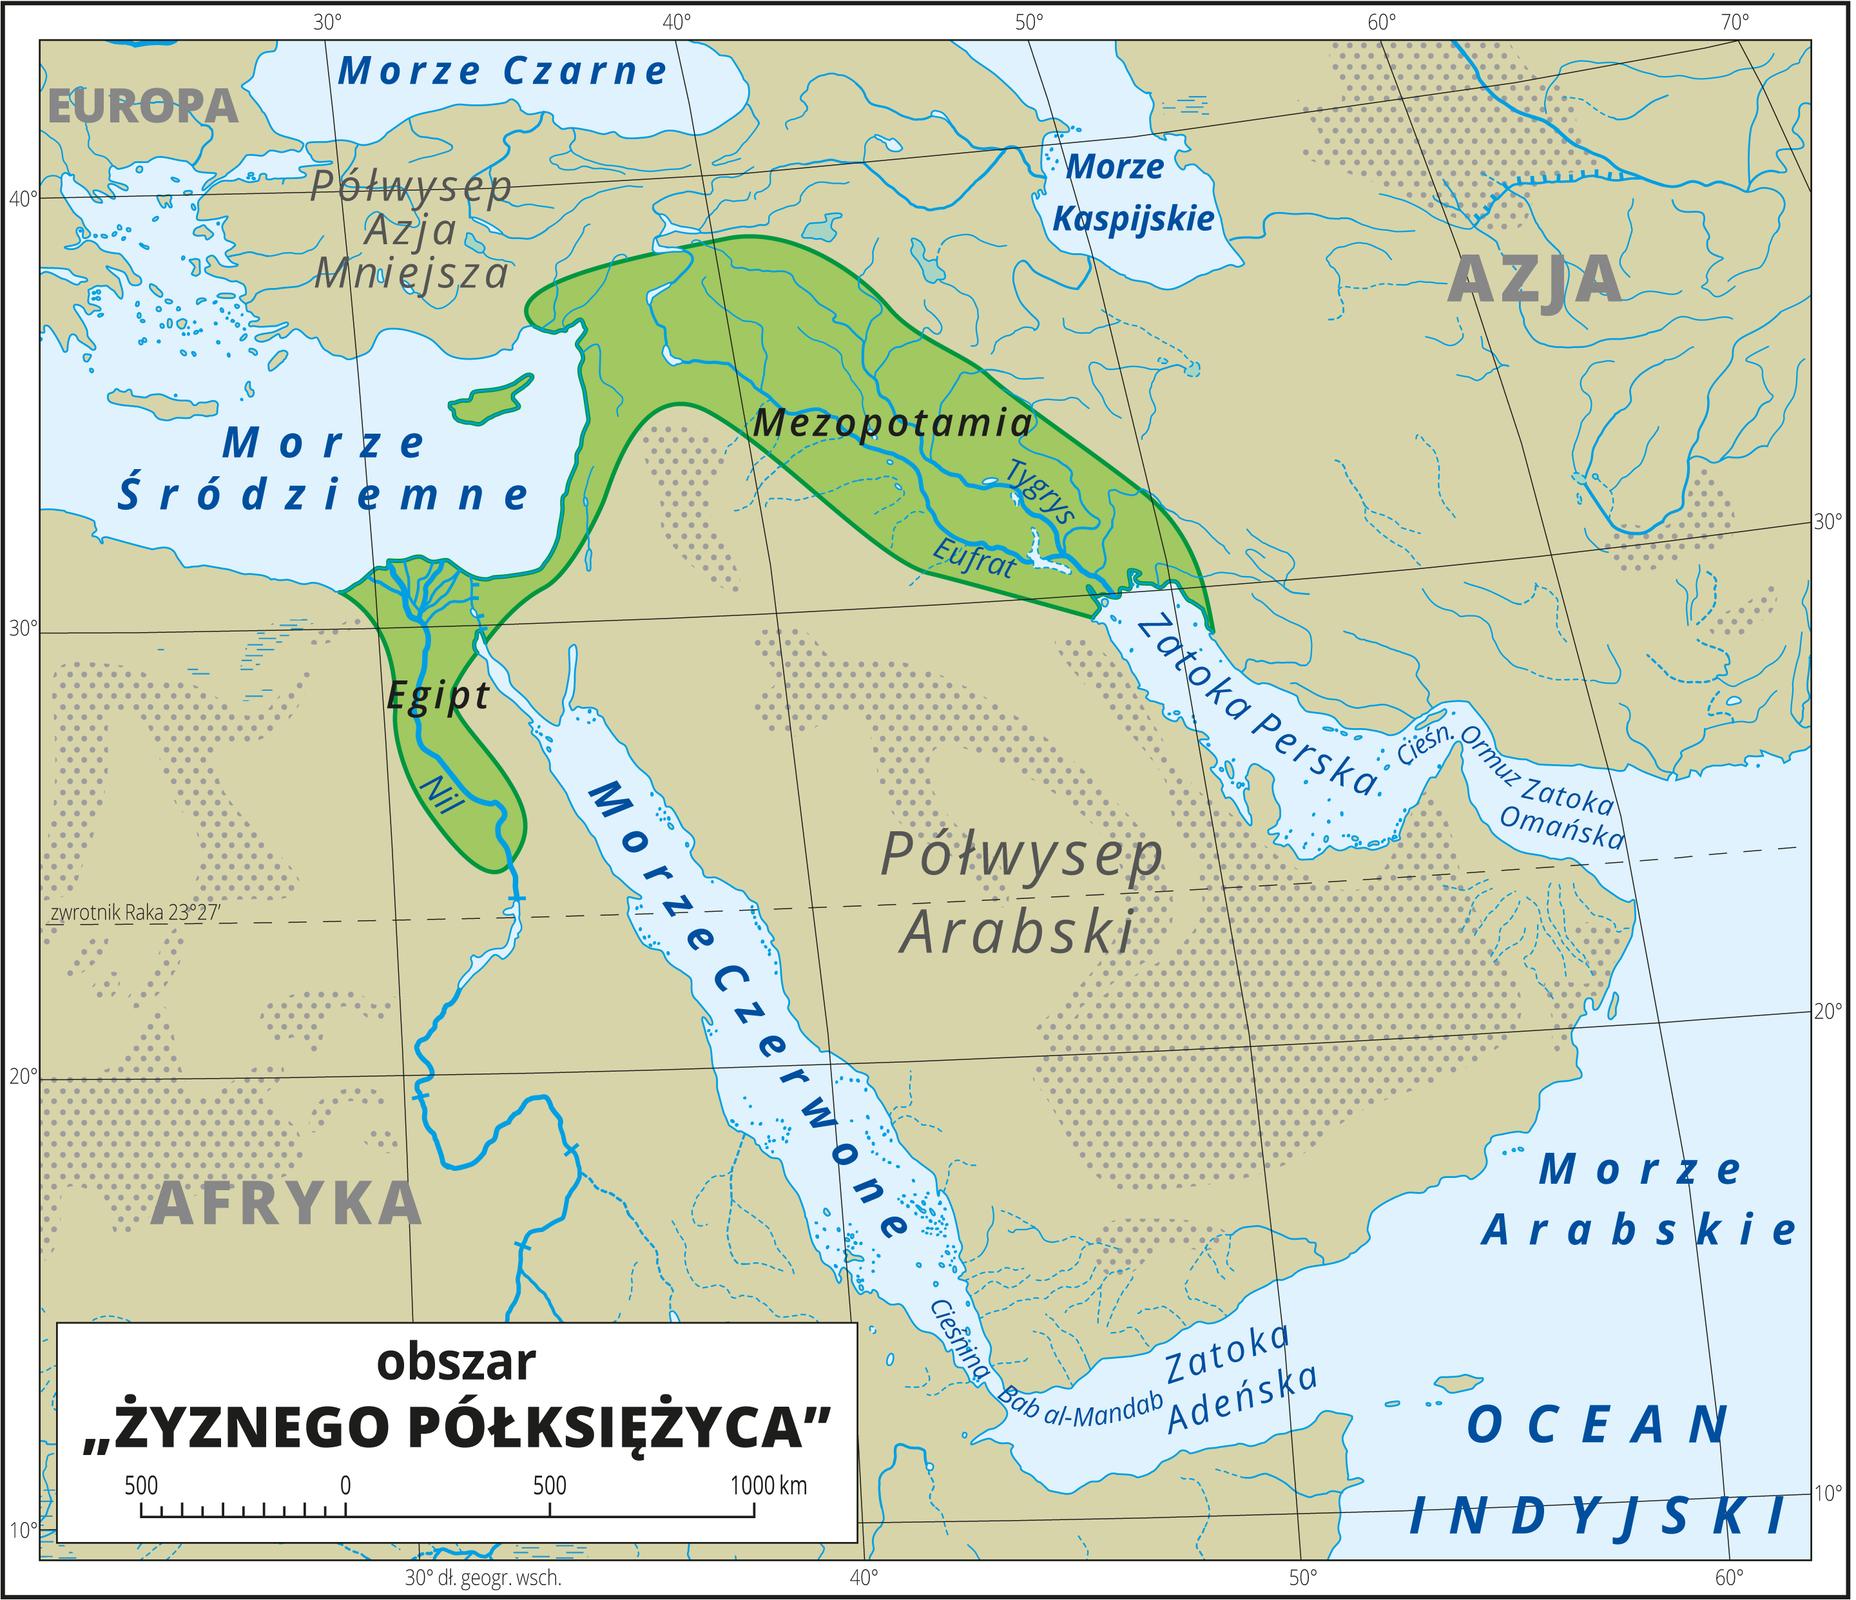 """Ilustracja przedstawia obszar """"żyznego półksiężyca"""", czyli pas ziemi, ciągnący się od Egiptu poprzez Palestynę iSyrię po Mezopotamię. Oznaczono go kolorem zielonym. Mapa pokryta jest równoleżnikami ipołudnikami. Dookoła mapy wbiałej ramce opisano współrzędne geograficzne co dziesięć stopni."""